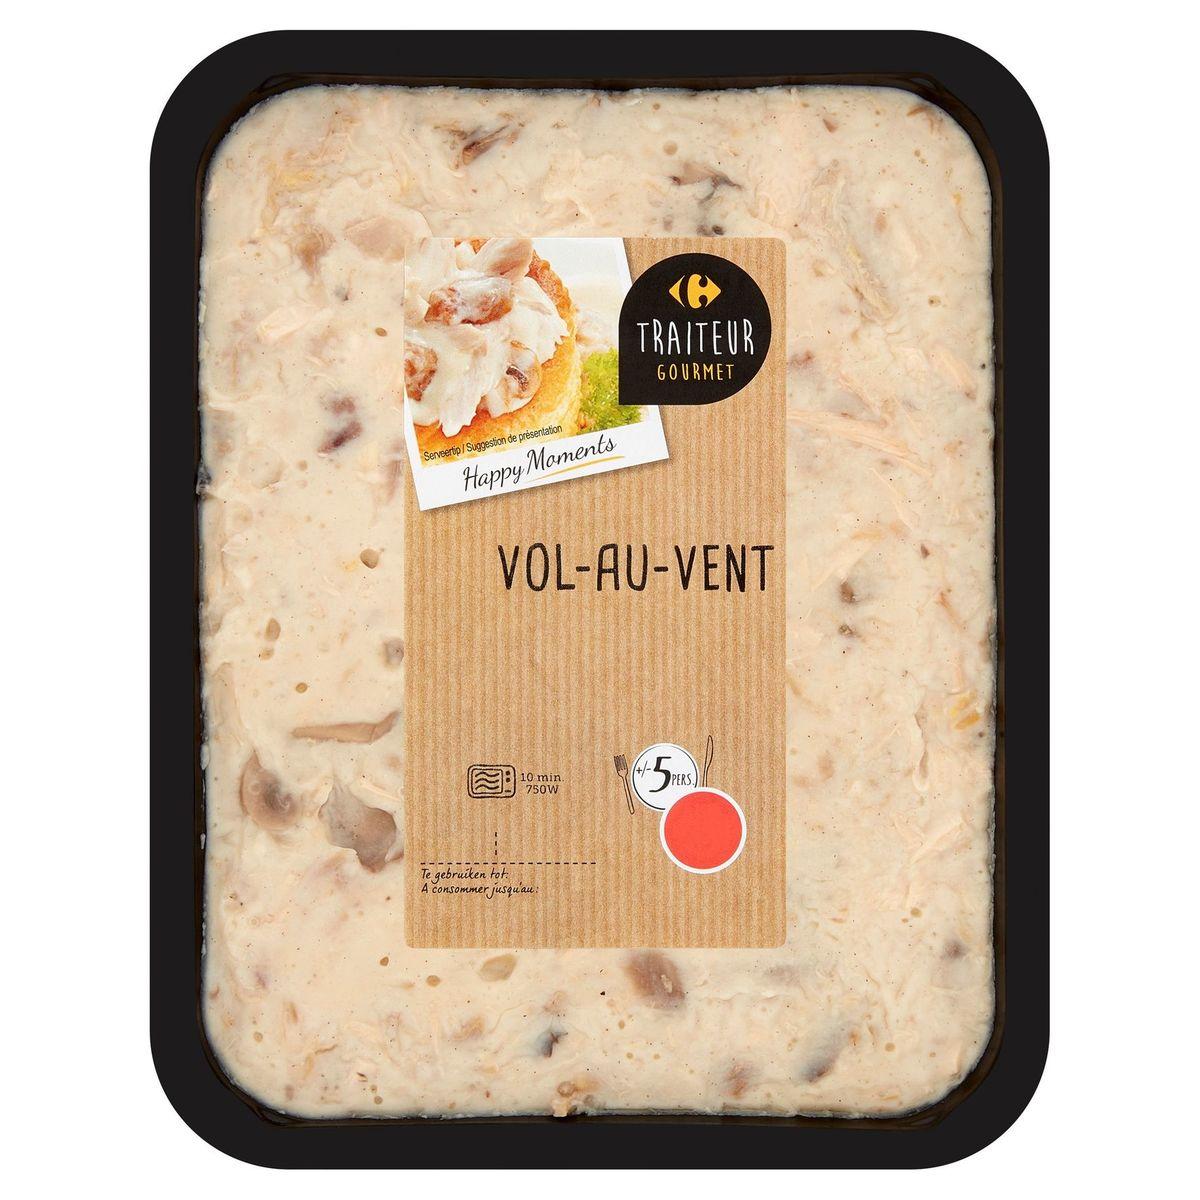 Carrefour Traiteur Gourmet Vol-au-Vent 1.2 kg